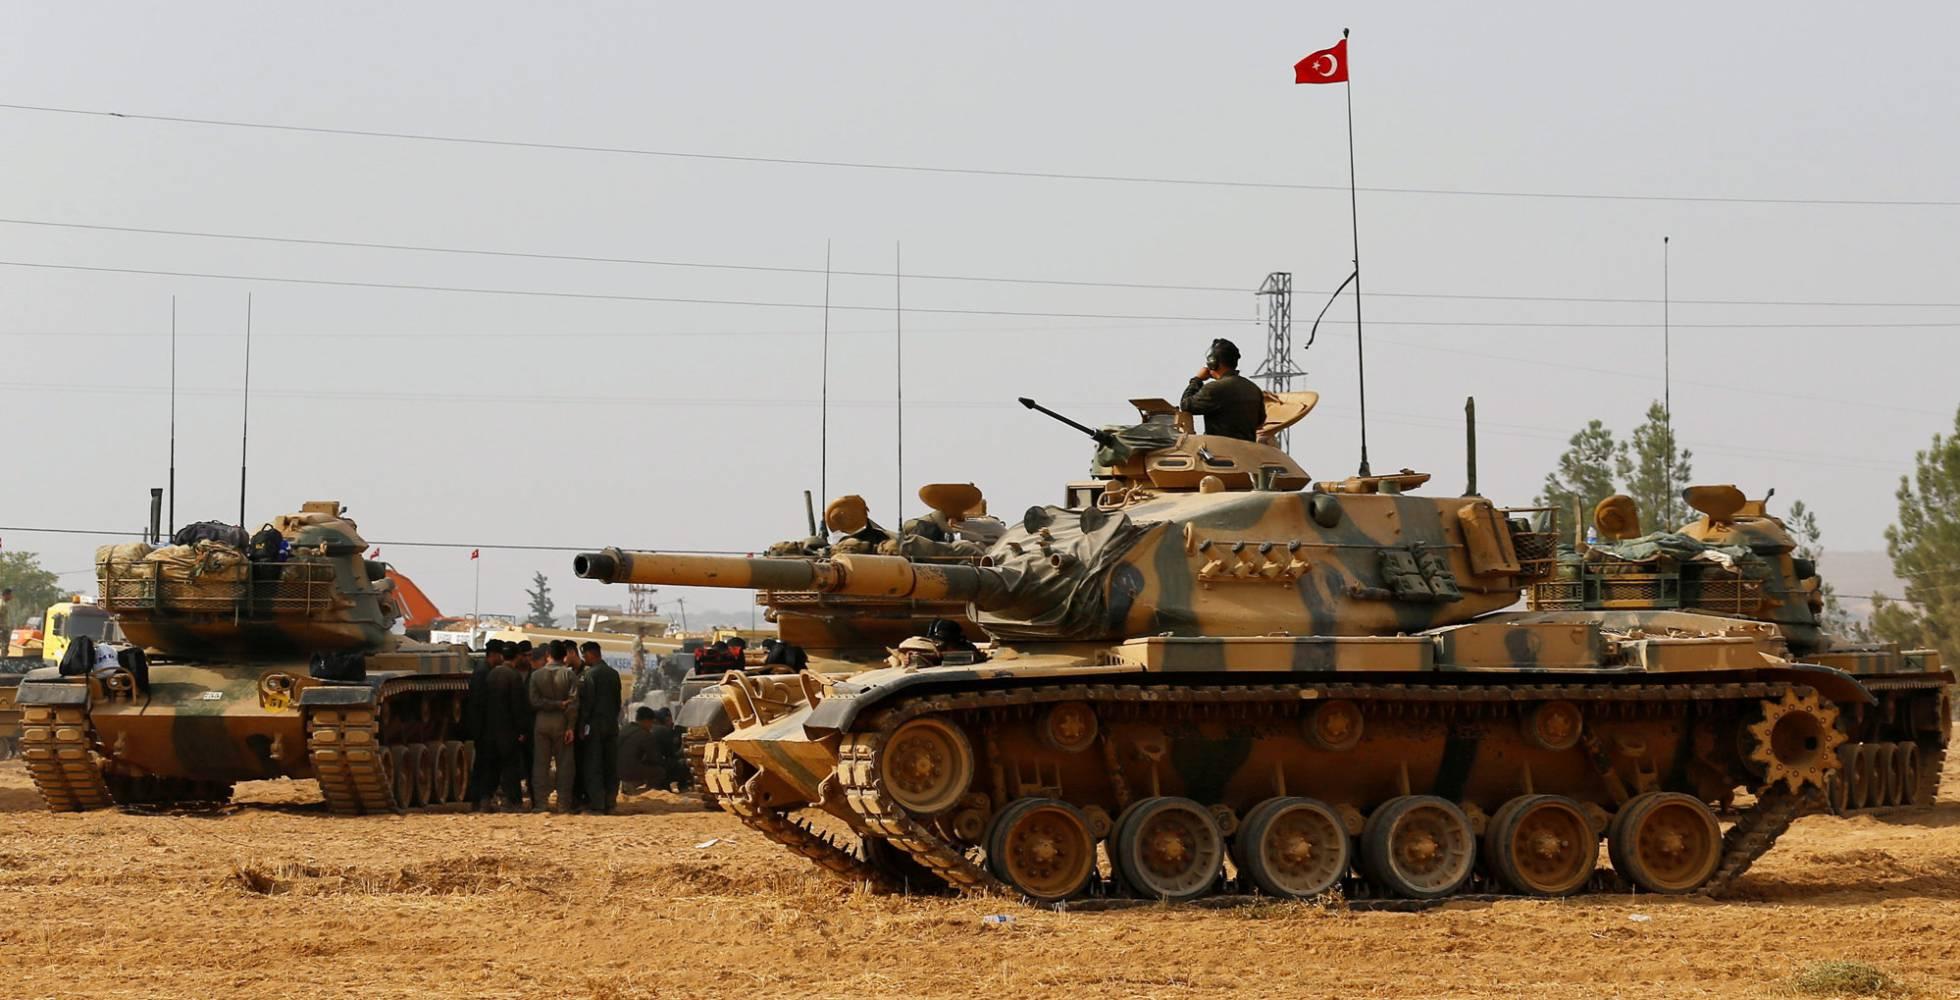 Golpe de estado en Turquia - Página 6 1476275149_687204_1476277415_noticia_normal_recorte1